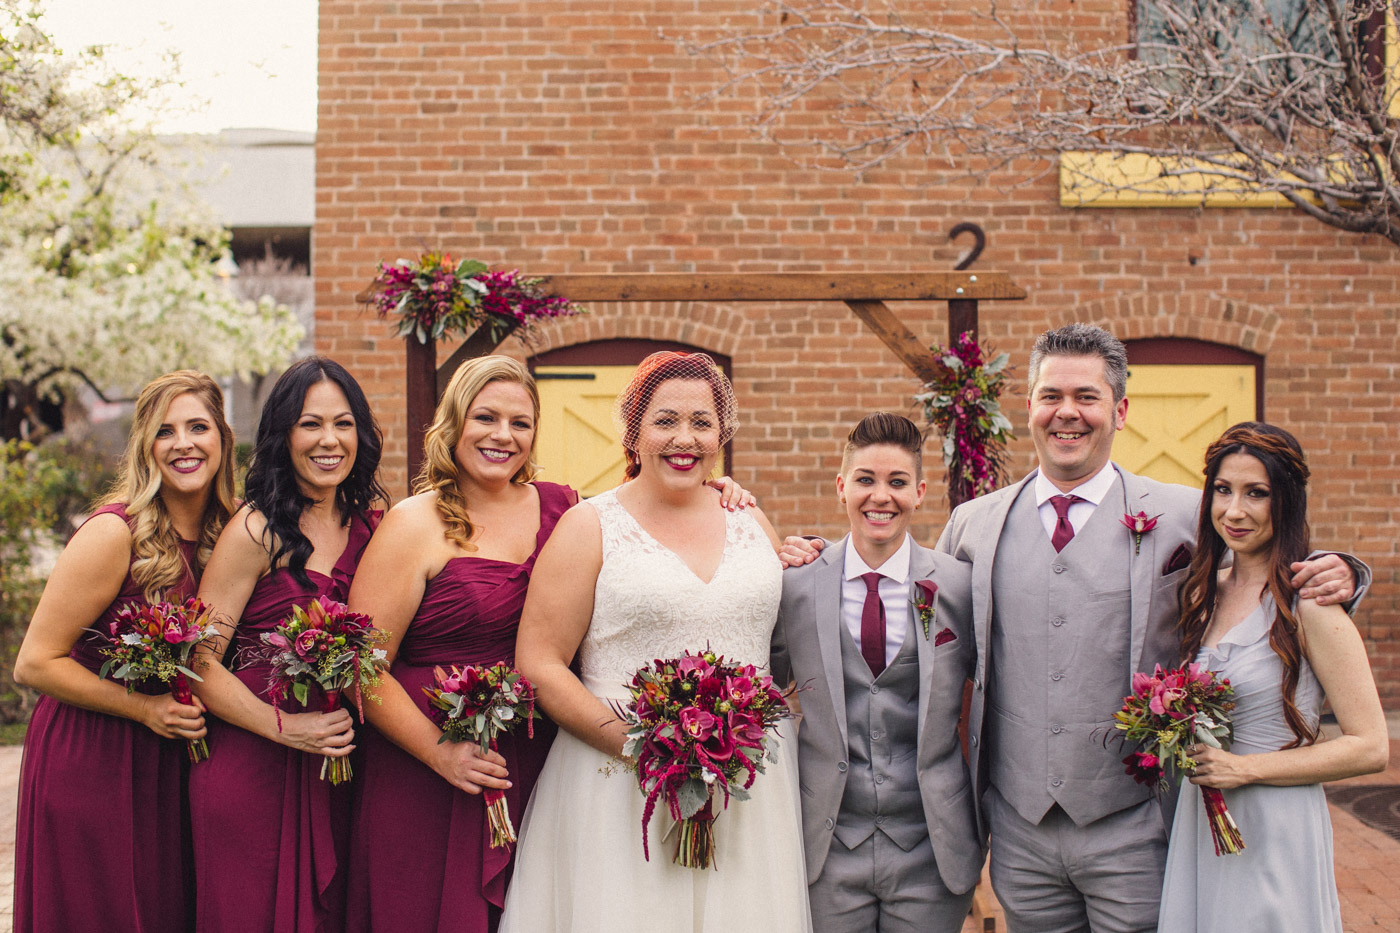 wedding-party-heritage-square-phoenix